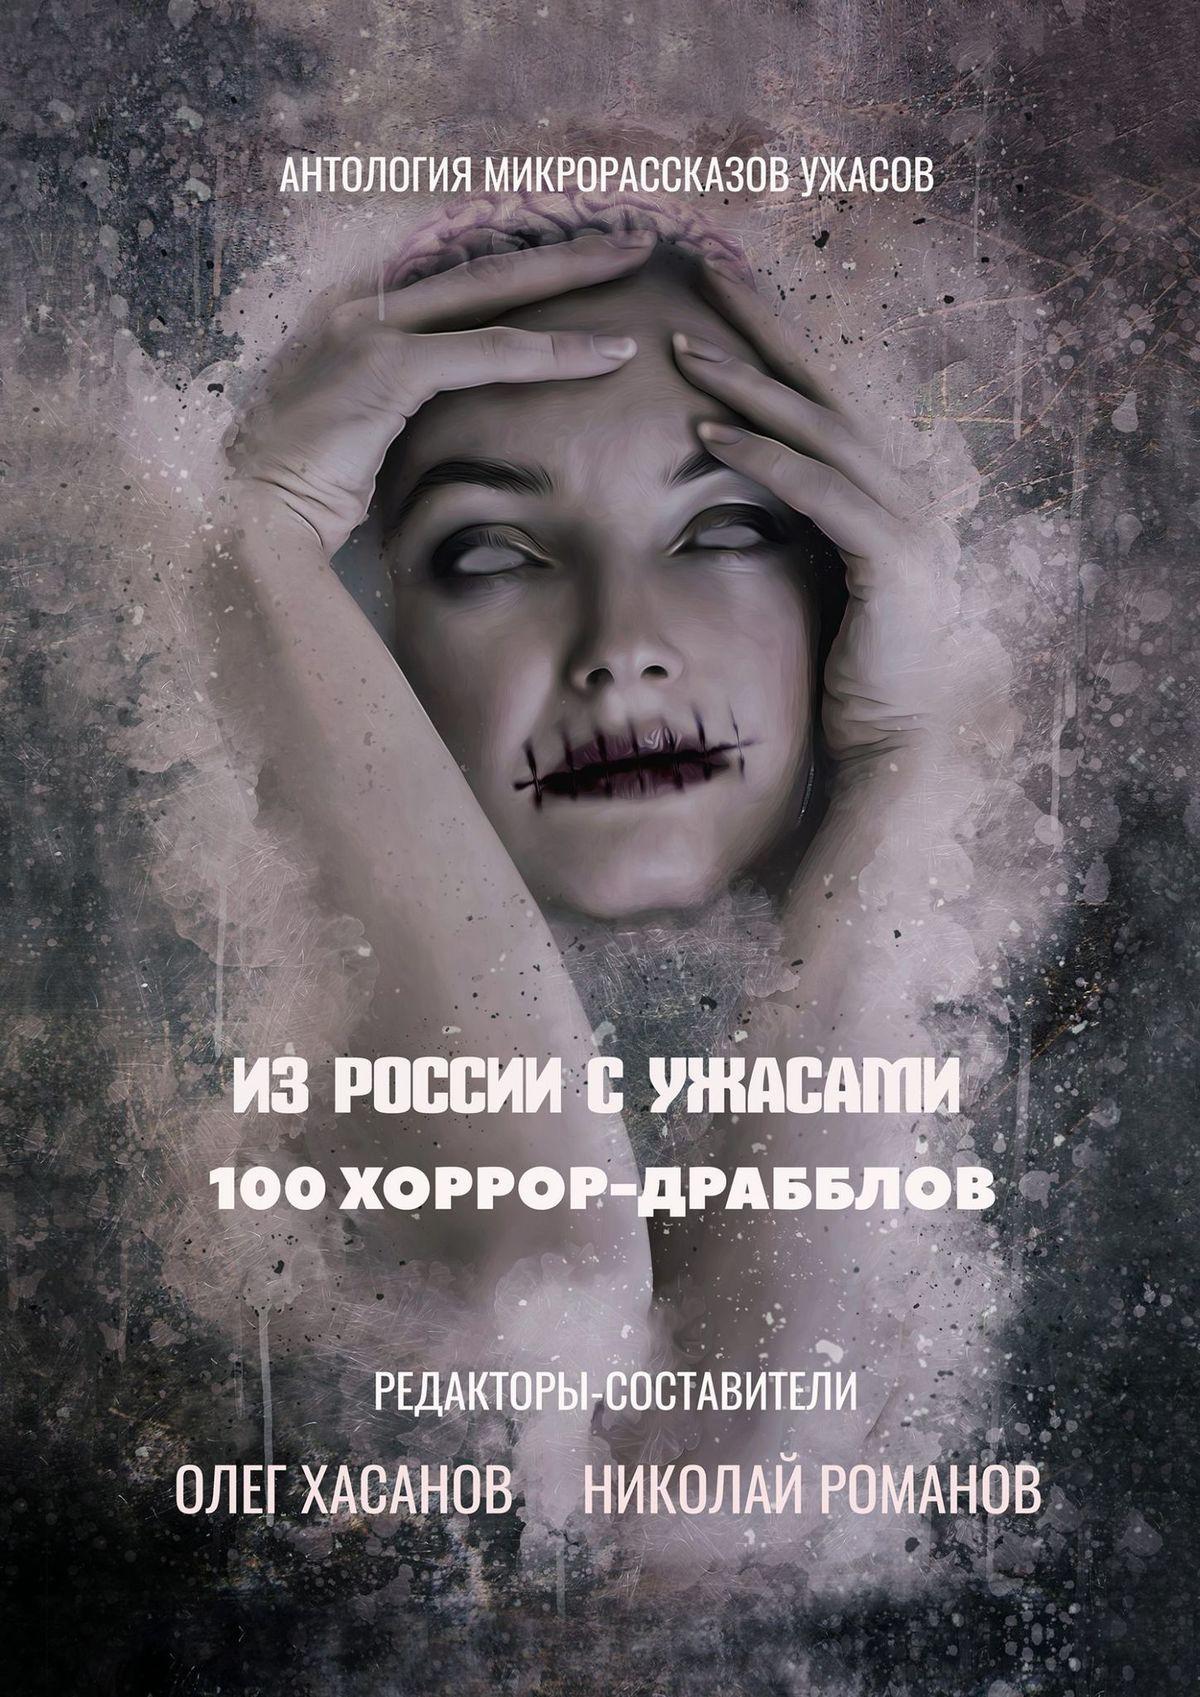 Олег Хасанов ИзРоссии сужасами. 100 хоррор-драбблов 100